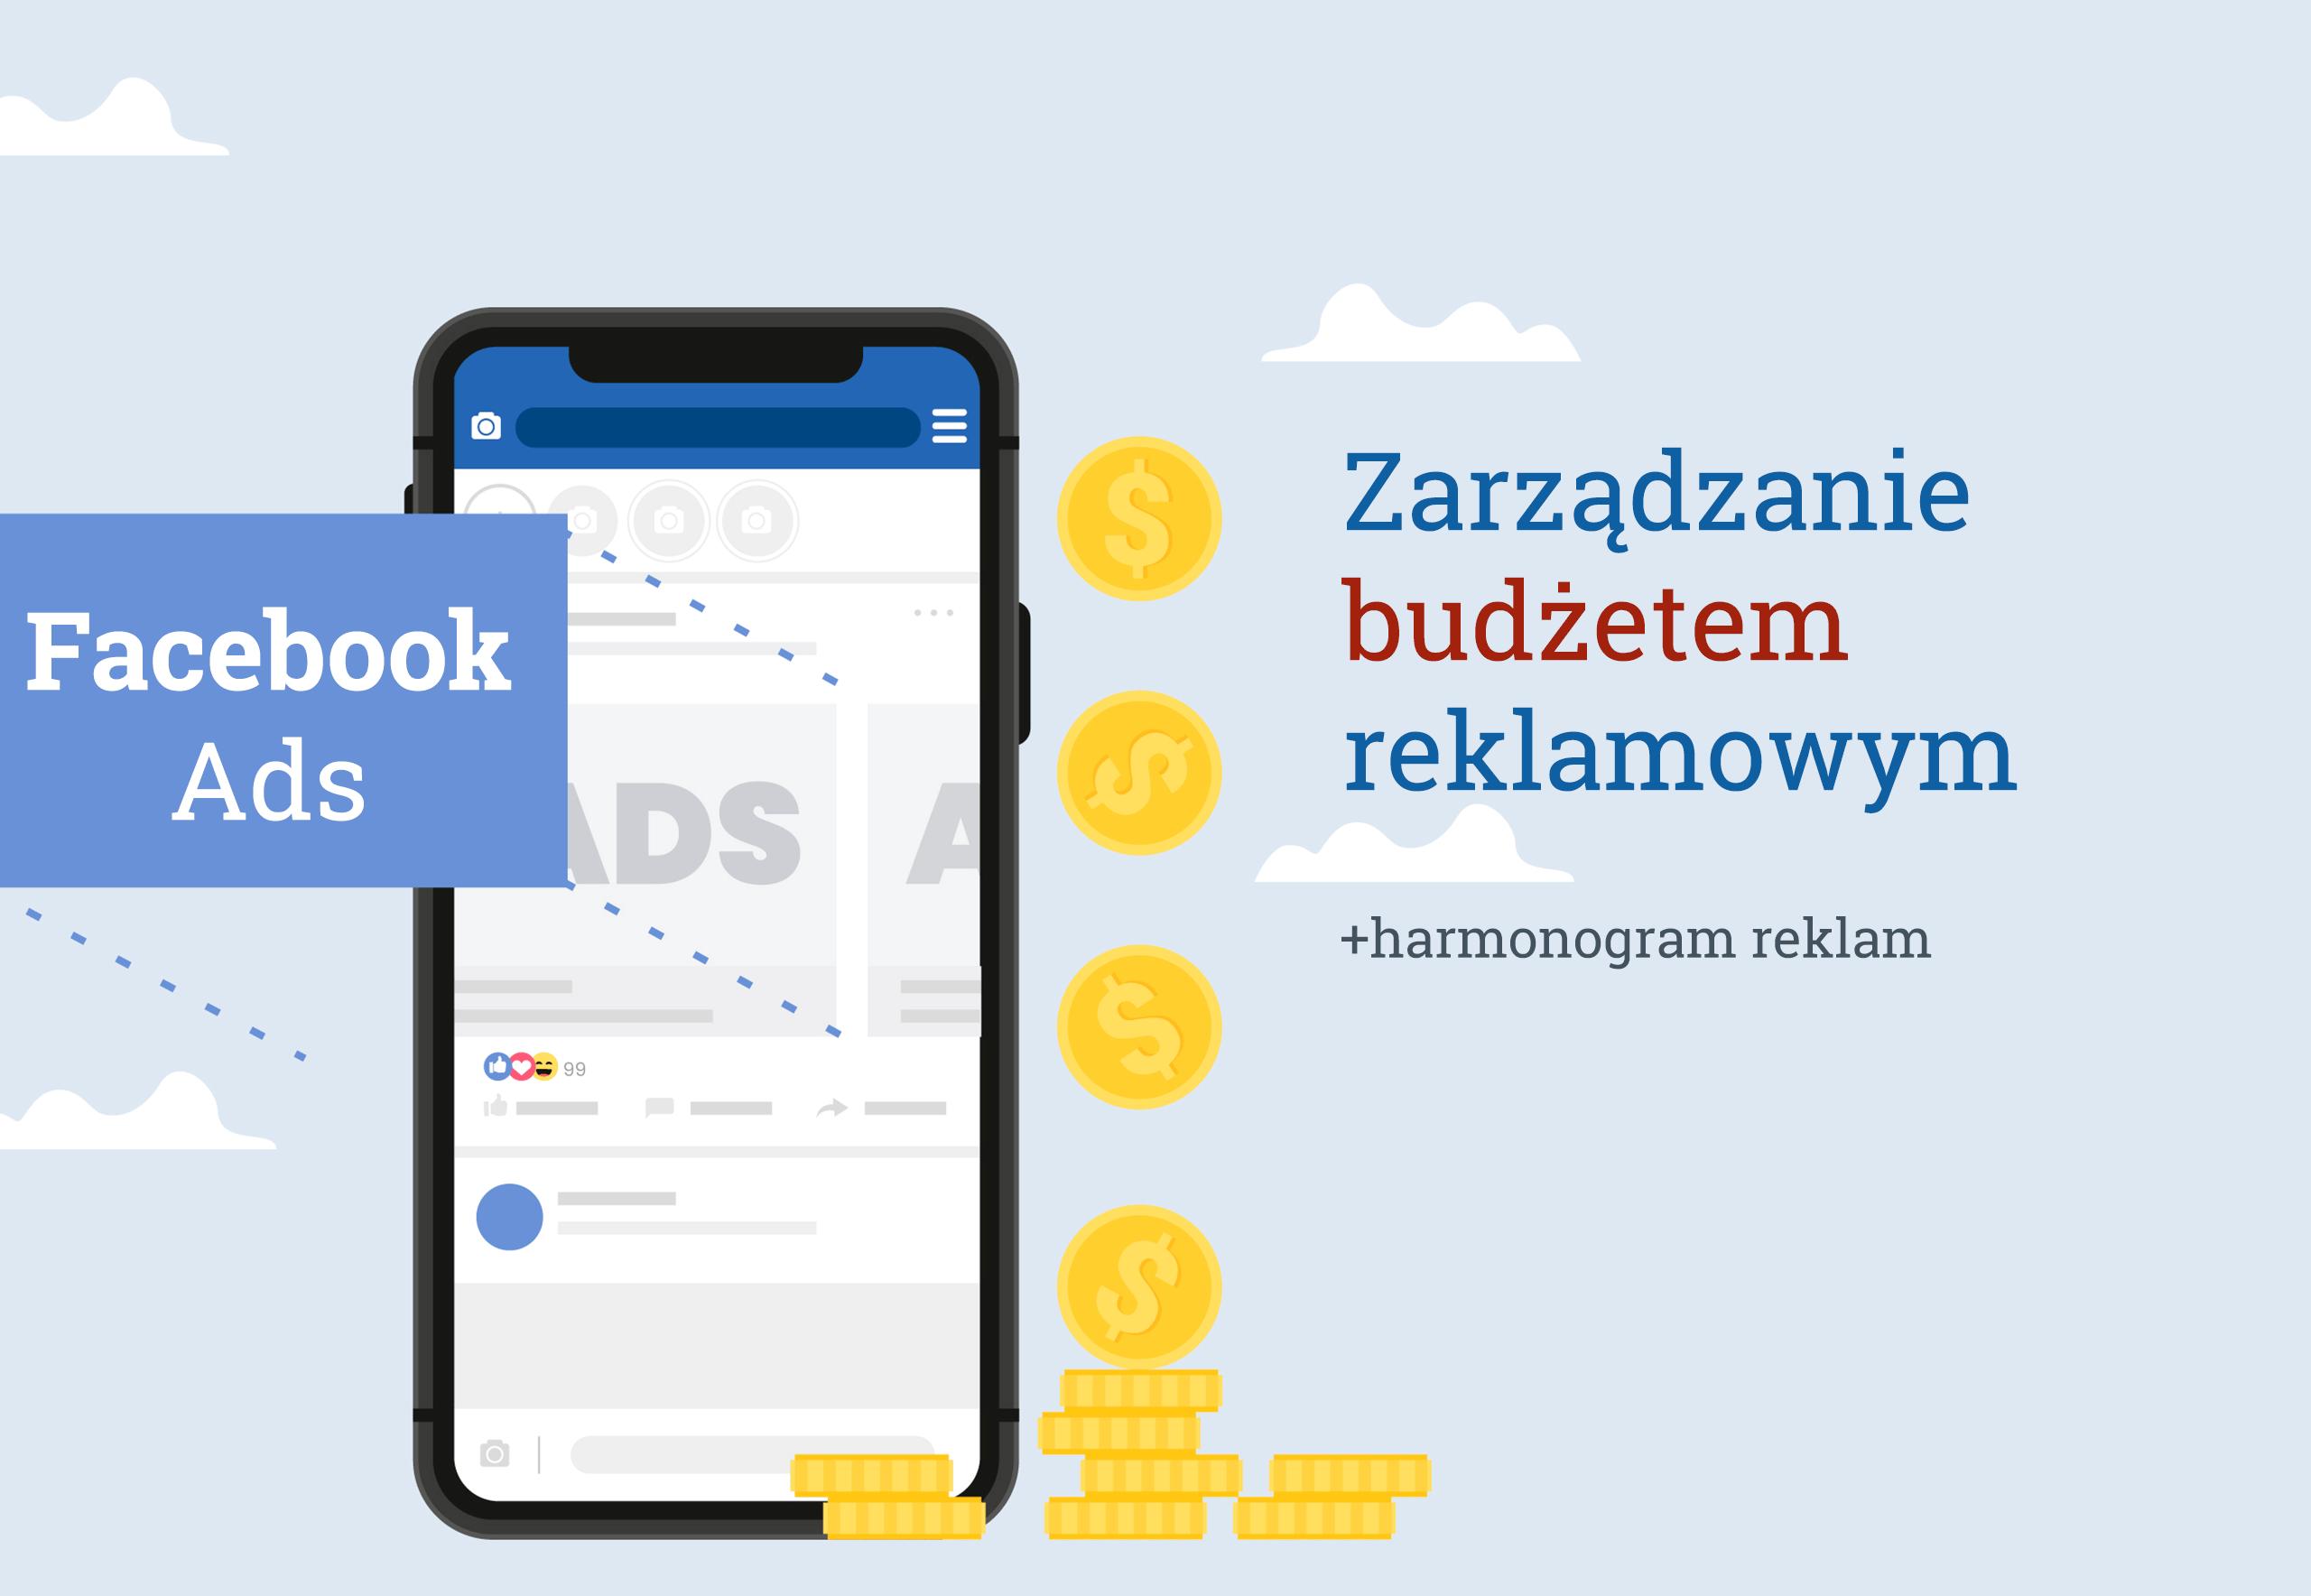 zarządzanie budżetem reklamowym facebook